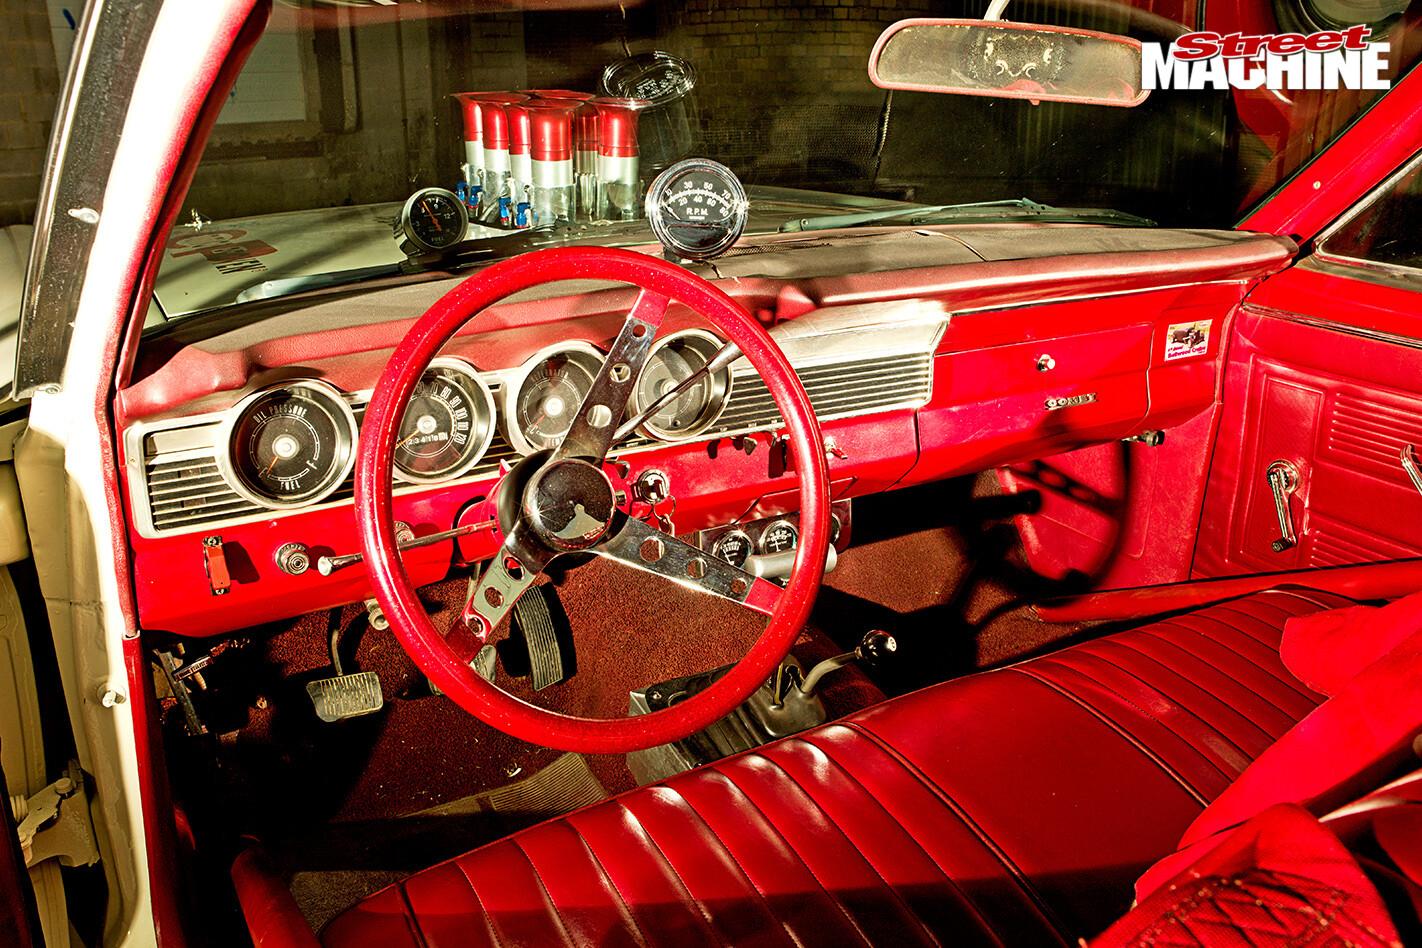 1967-MERCURY-COMET-GASSER-interior